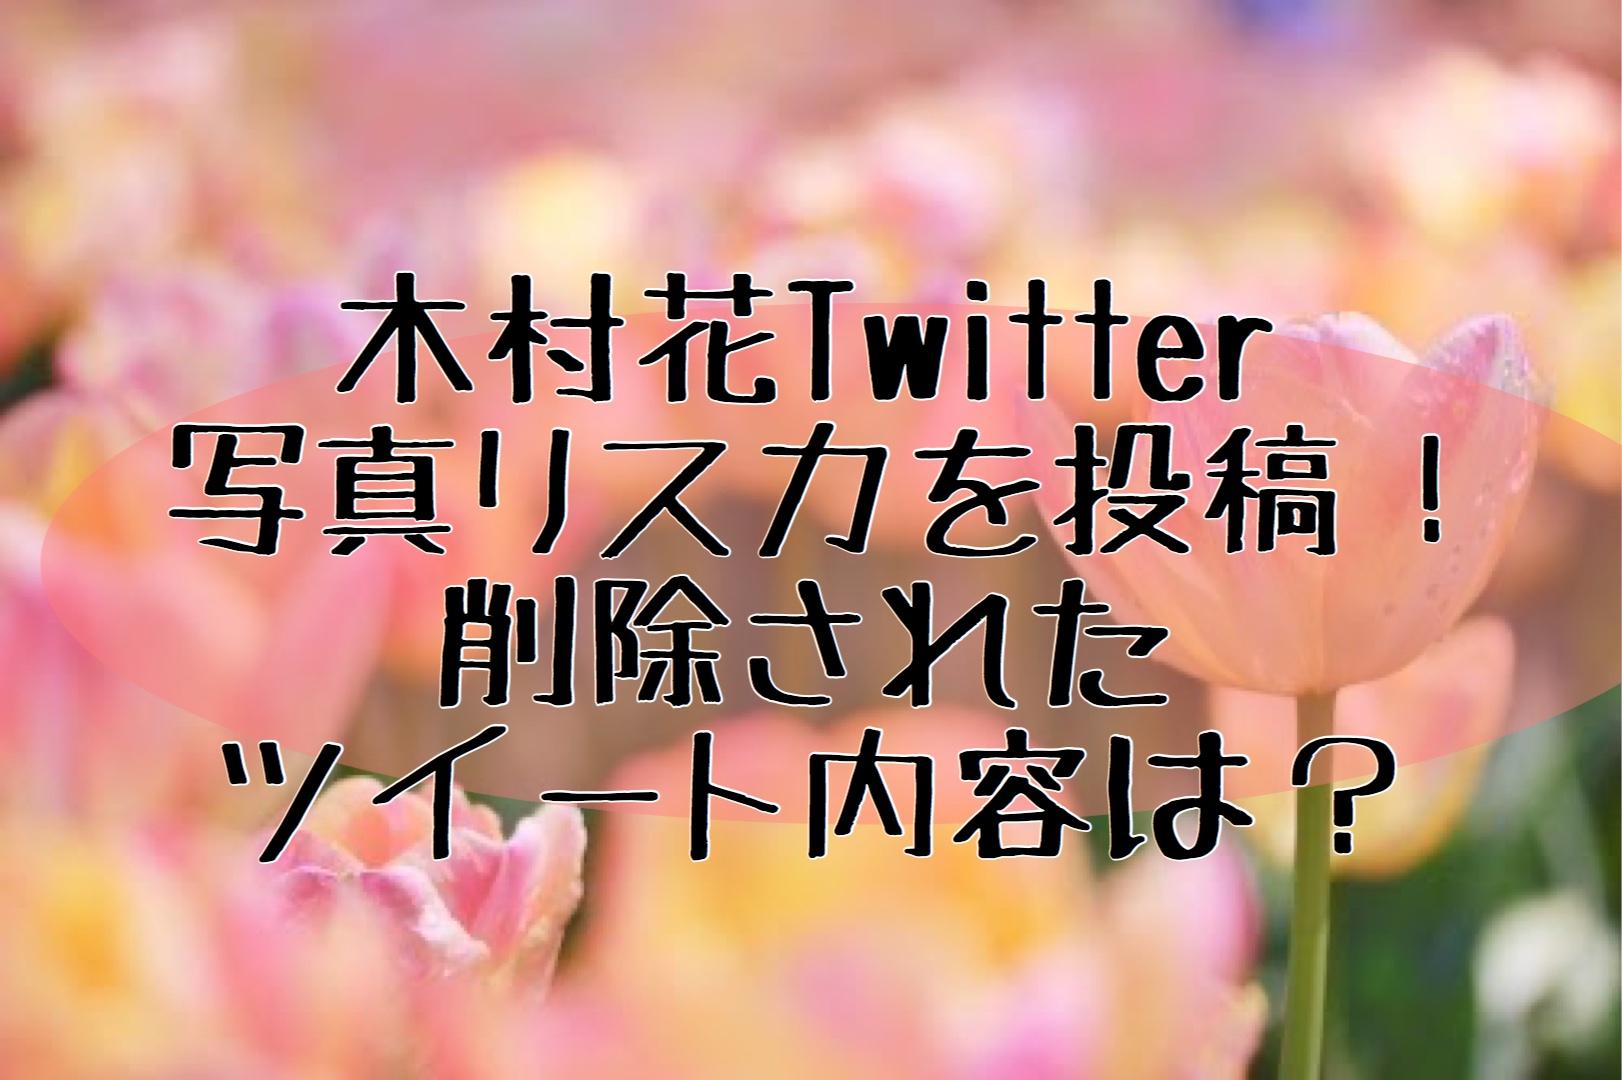 カット 花 ちゃん リスト